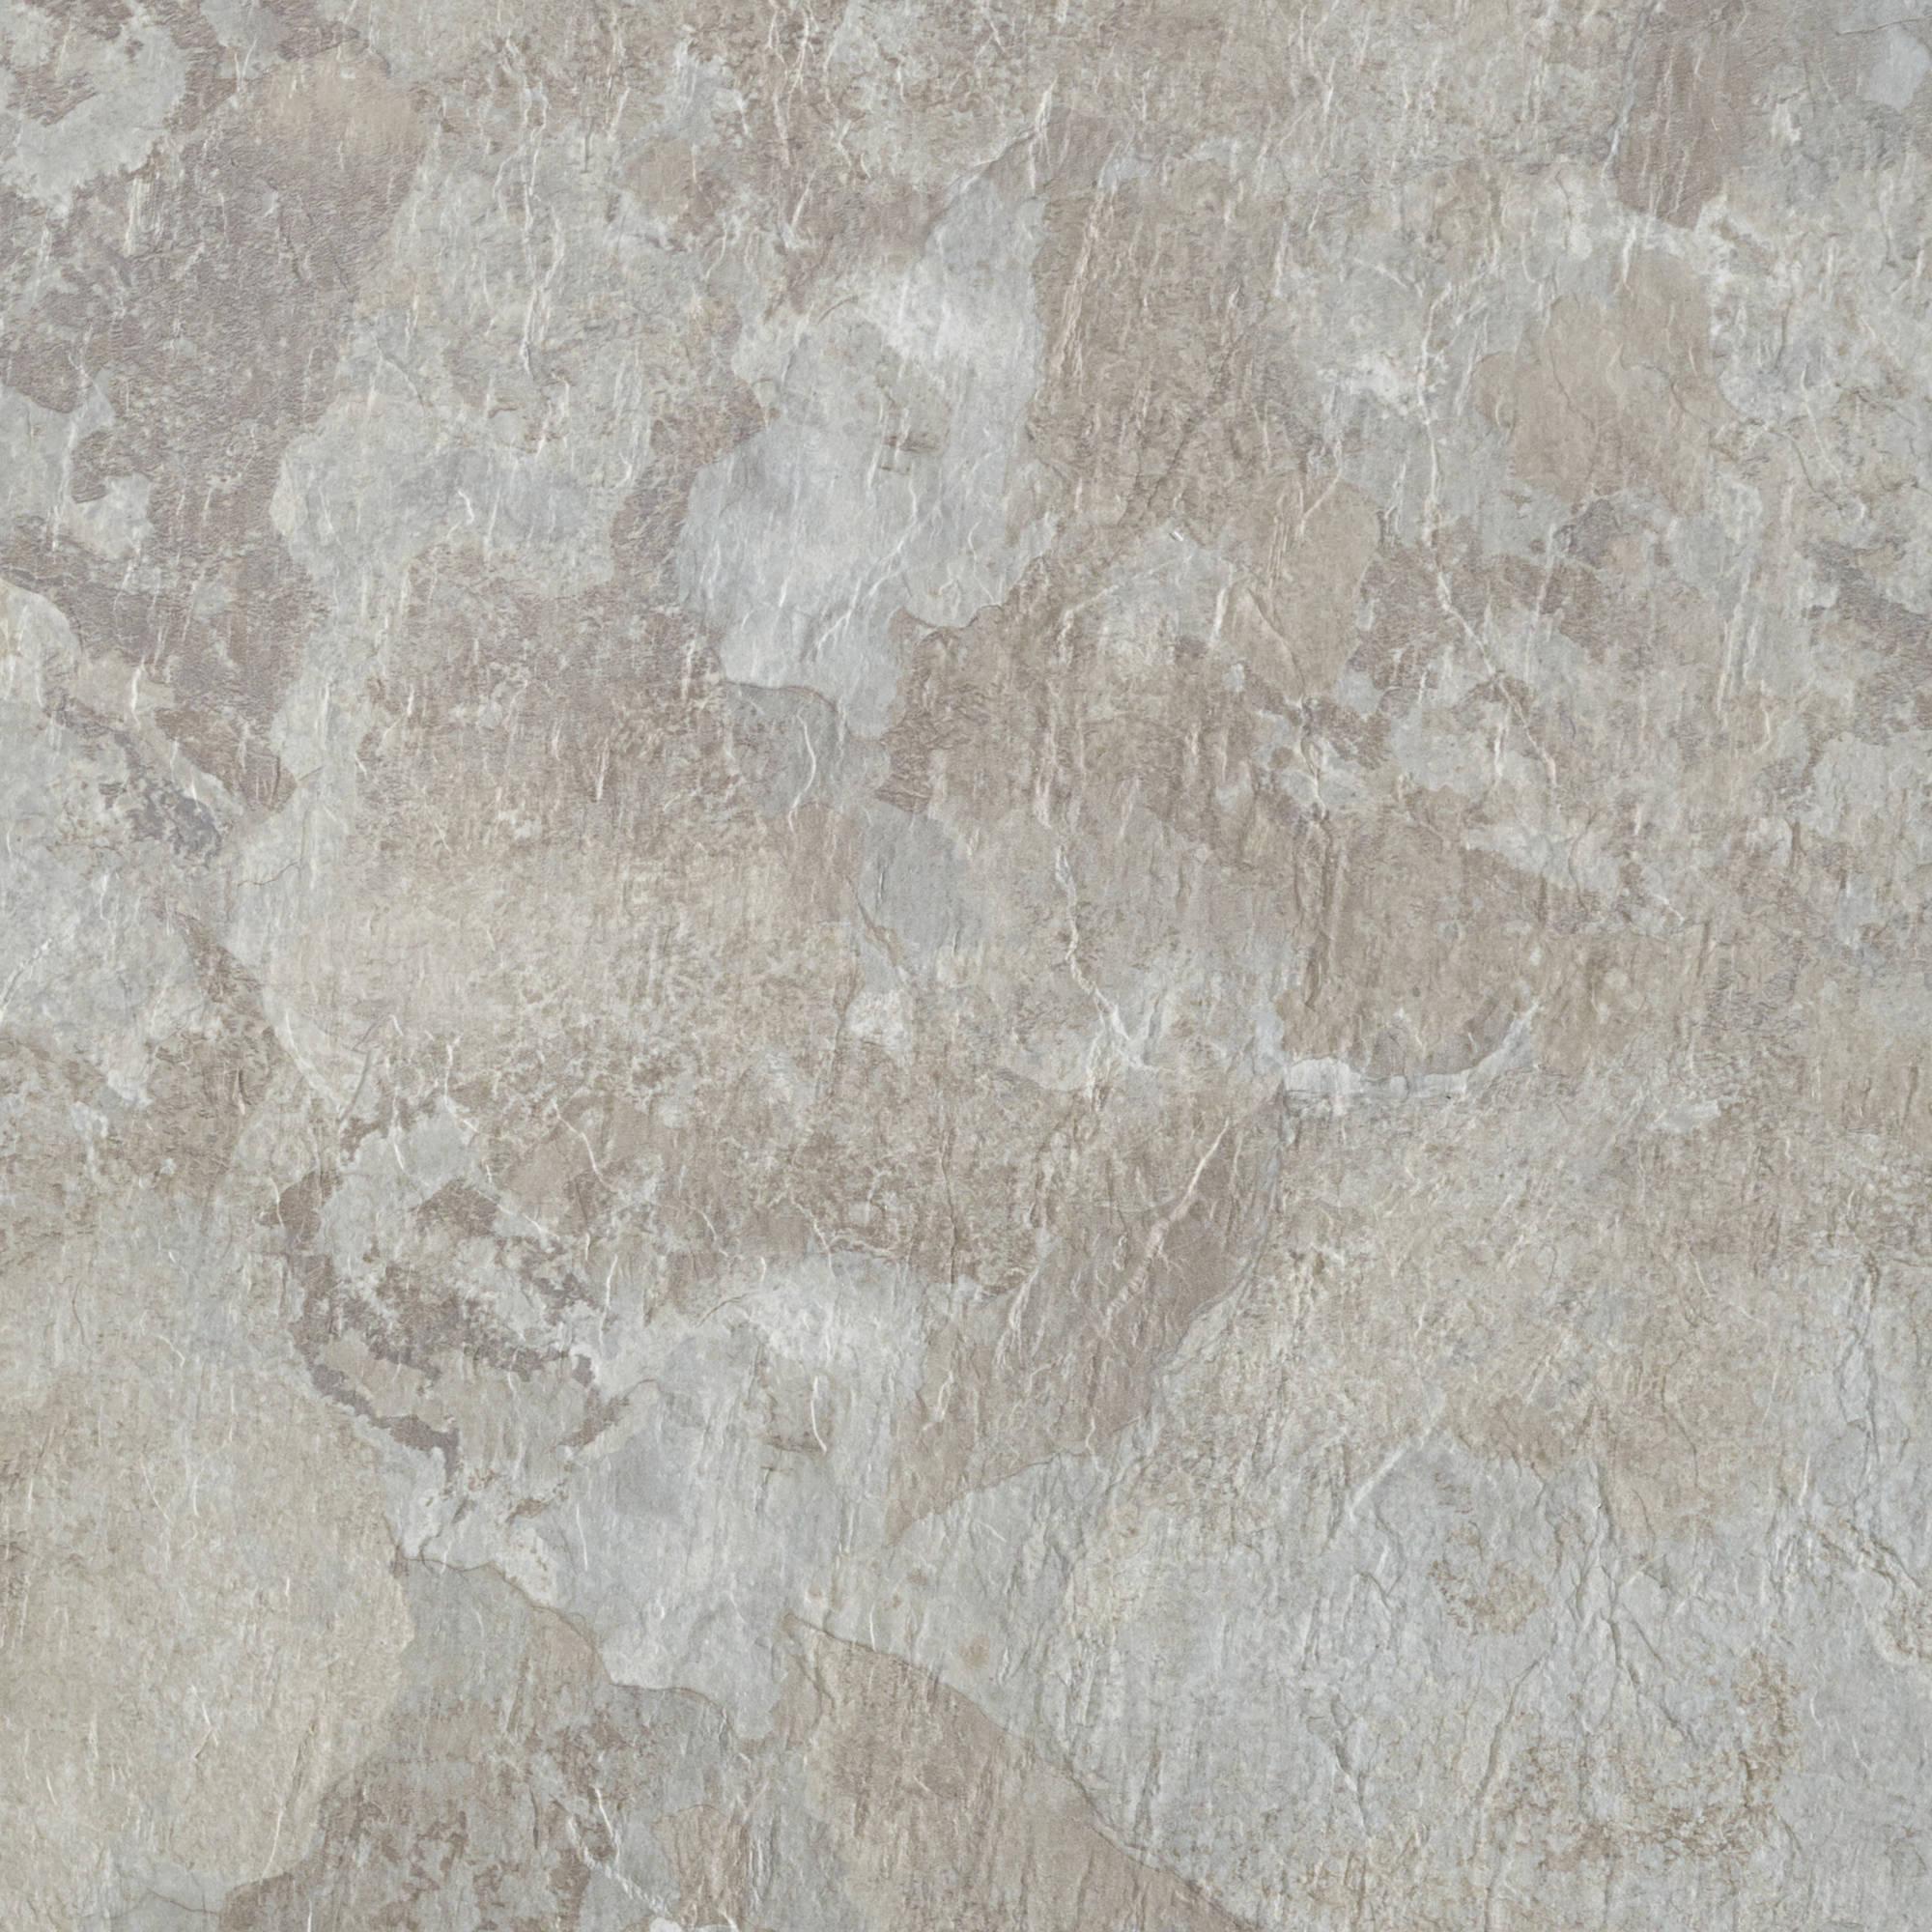 Majestic Light Gray Slate 18x18 2 0mm Vinyl Floor Tile